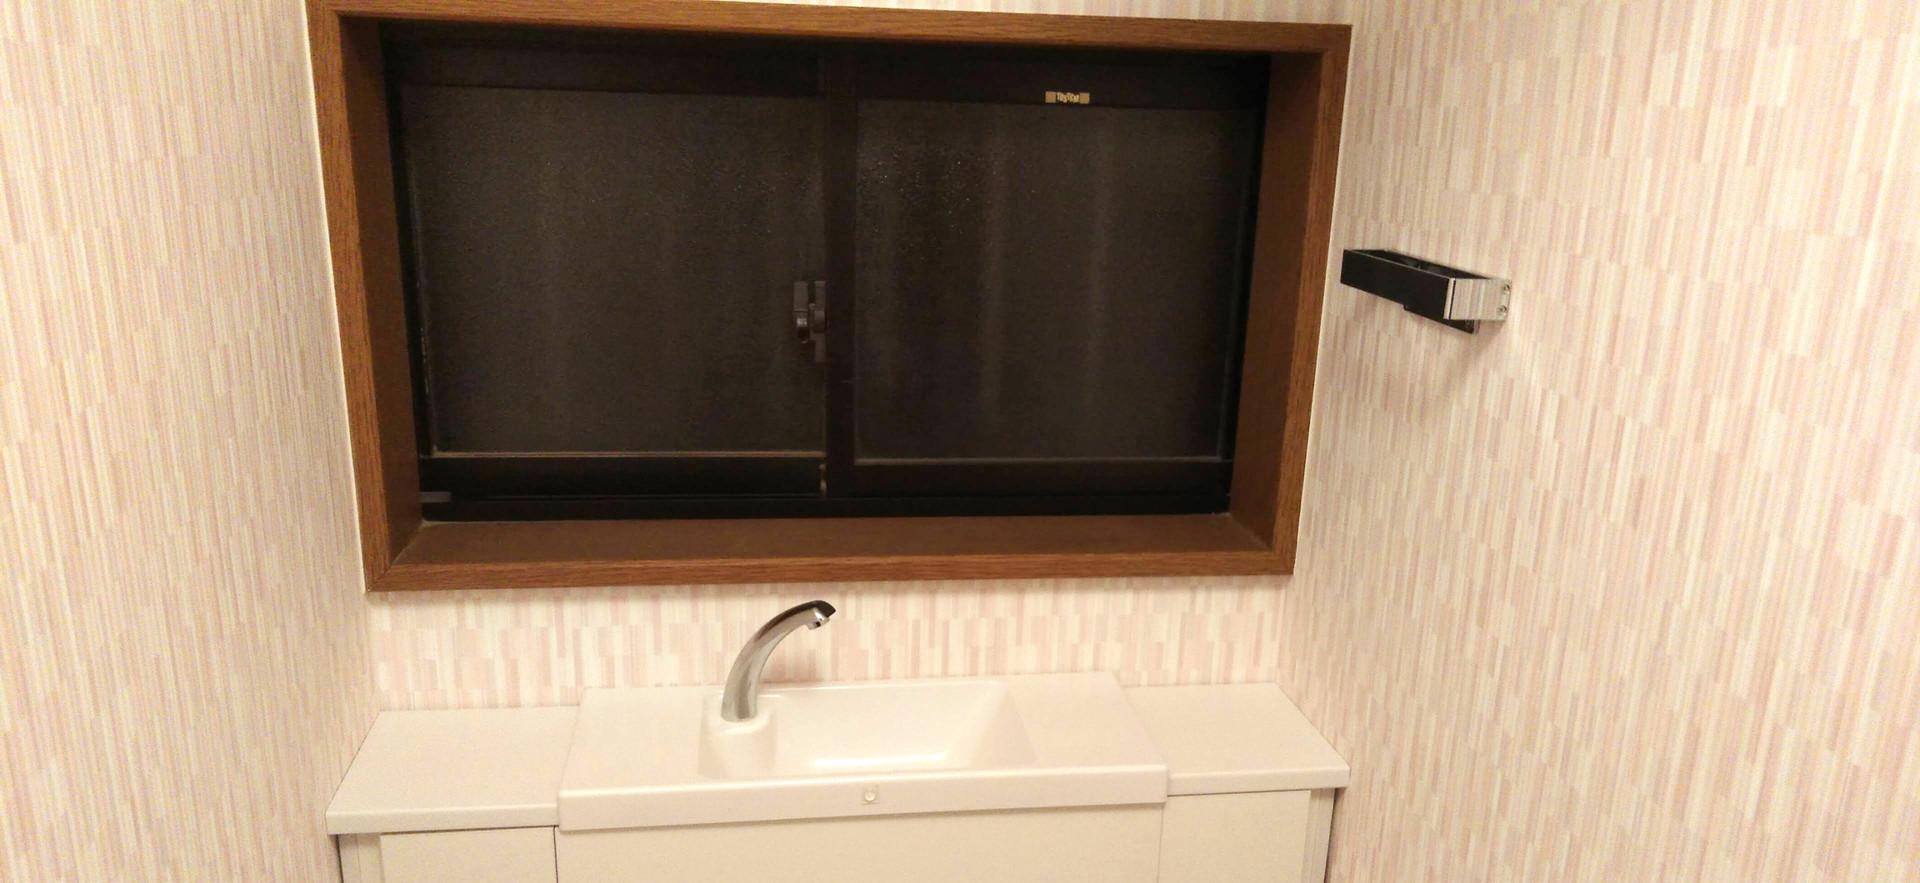 あるゾウリフォーム館トイレの施工事例after3.jpg